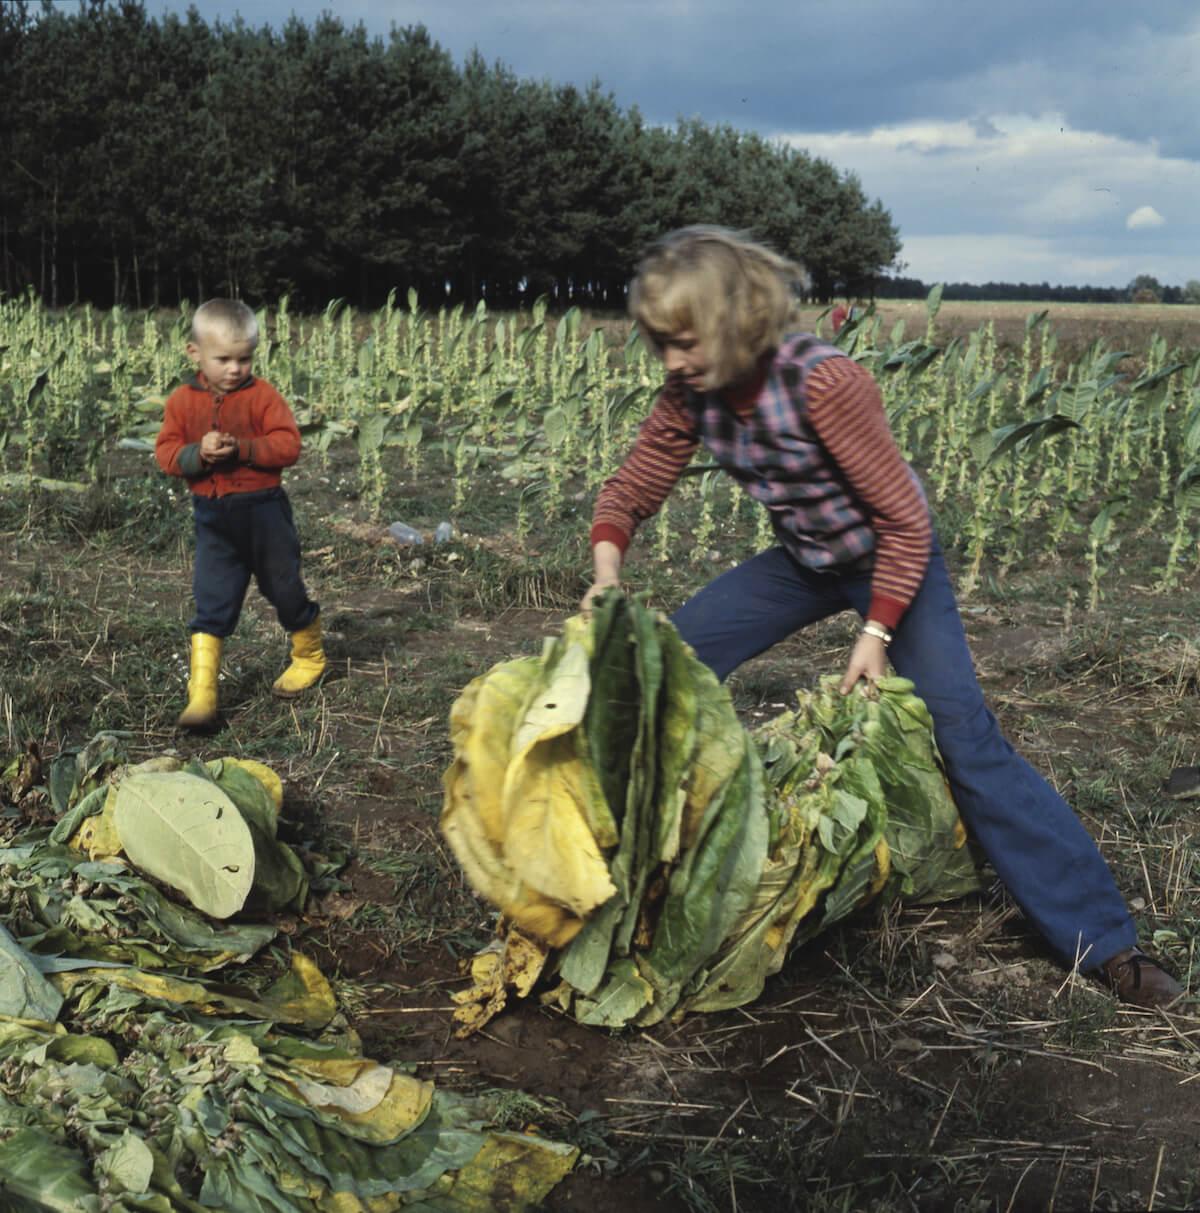 Dzieci zbierają kapustę na polu.